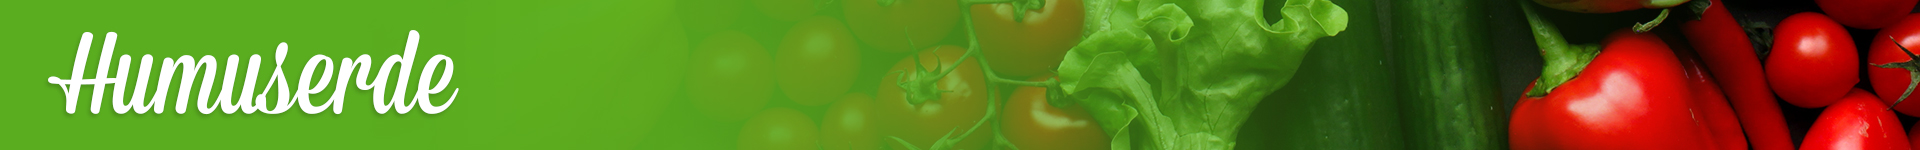 Vegane Erde, vegane Gartenerde und vegane Blumenerde jetzt einsetzen. Terra Preta